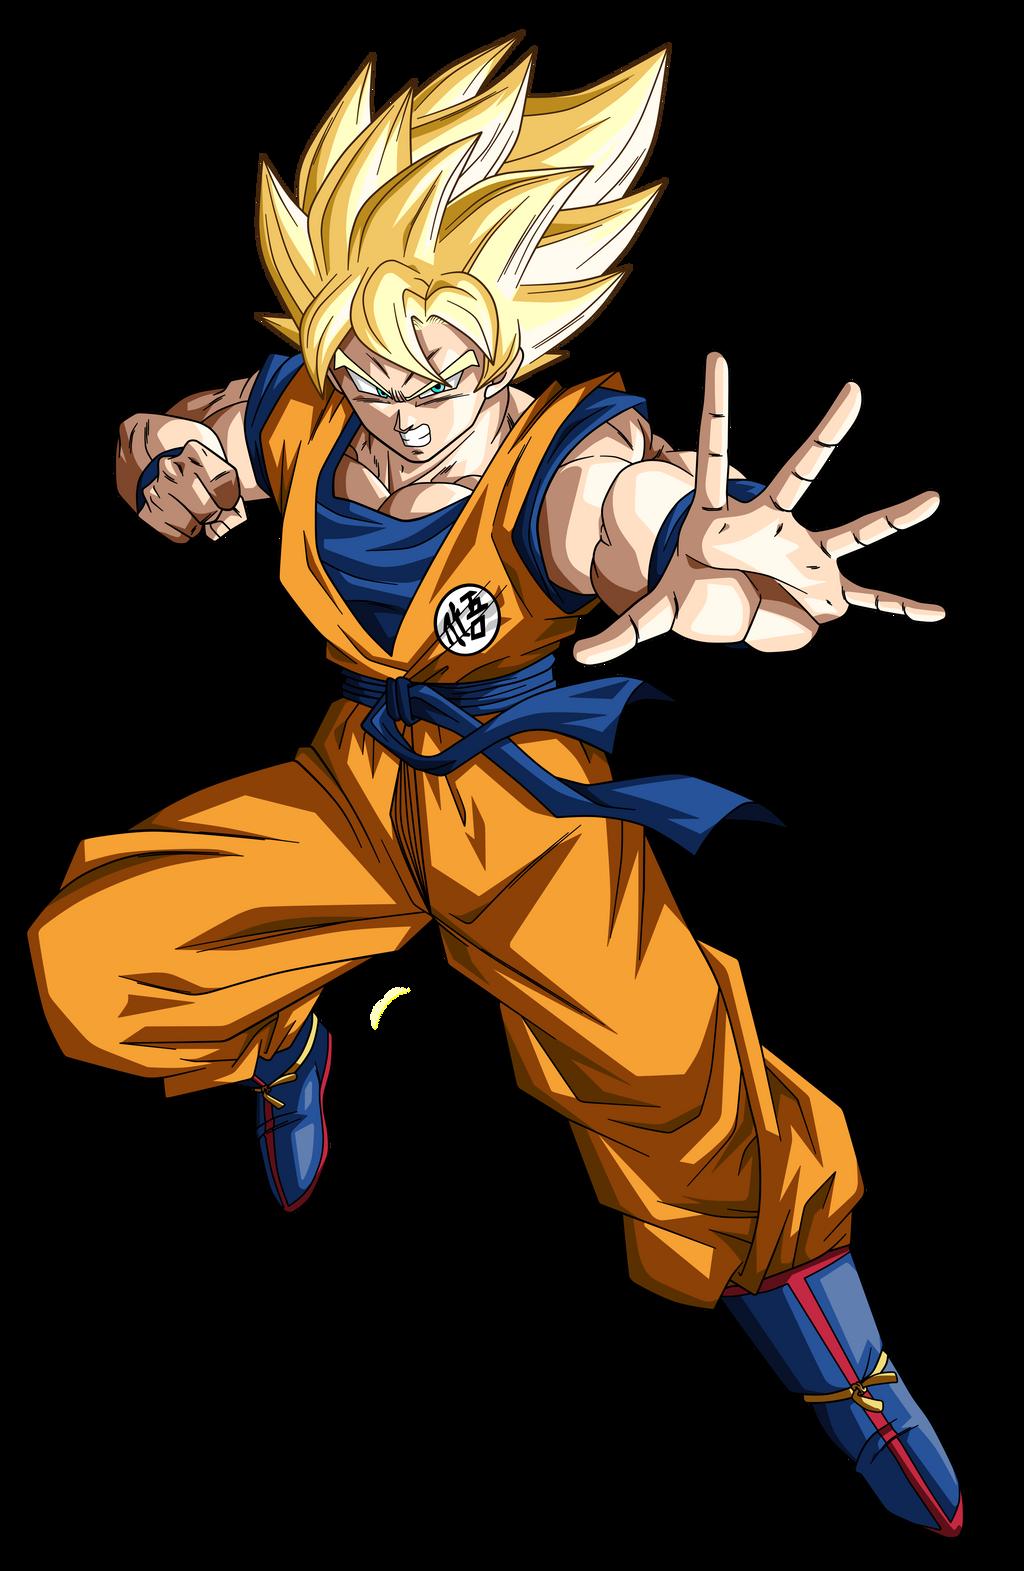 Goku Ssj by Koku78 on DeviantArt